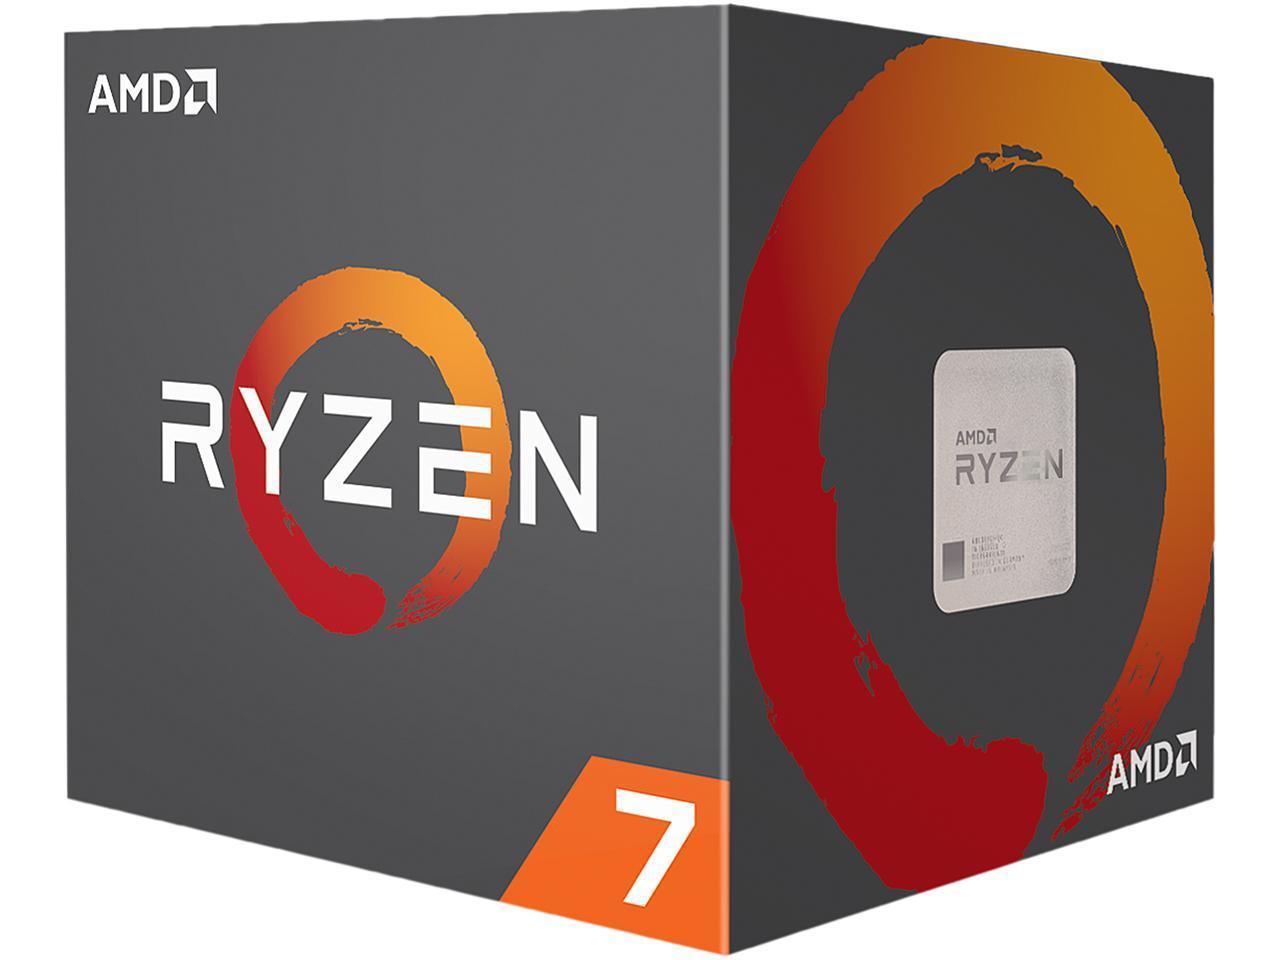 AMD Ryzen 7 2700X 8-Core 3.7 GHz (4.3 GHz Max Boost) Socket AM4 105W YD270XBGAFBOX Desktop Processor $199.99